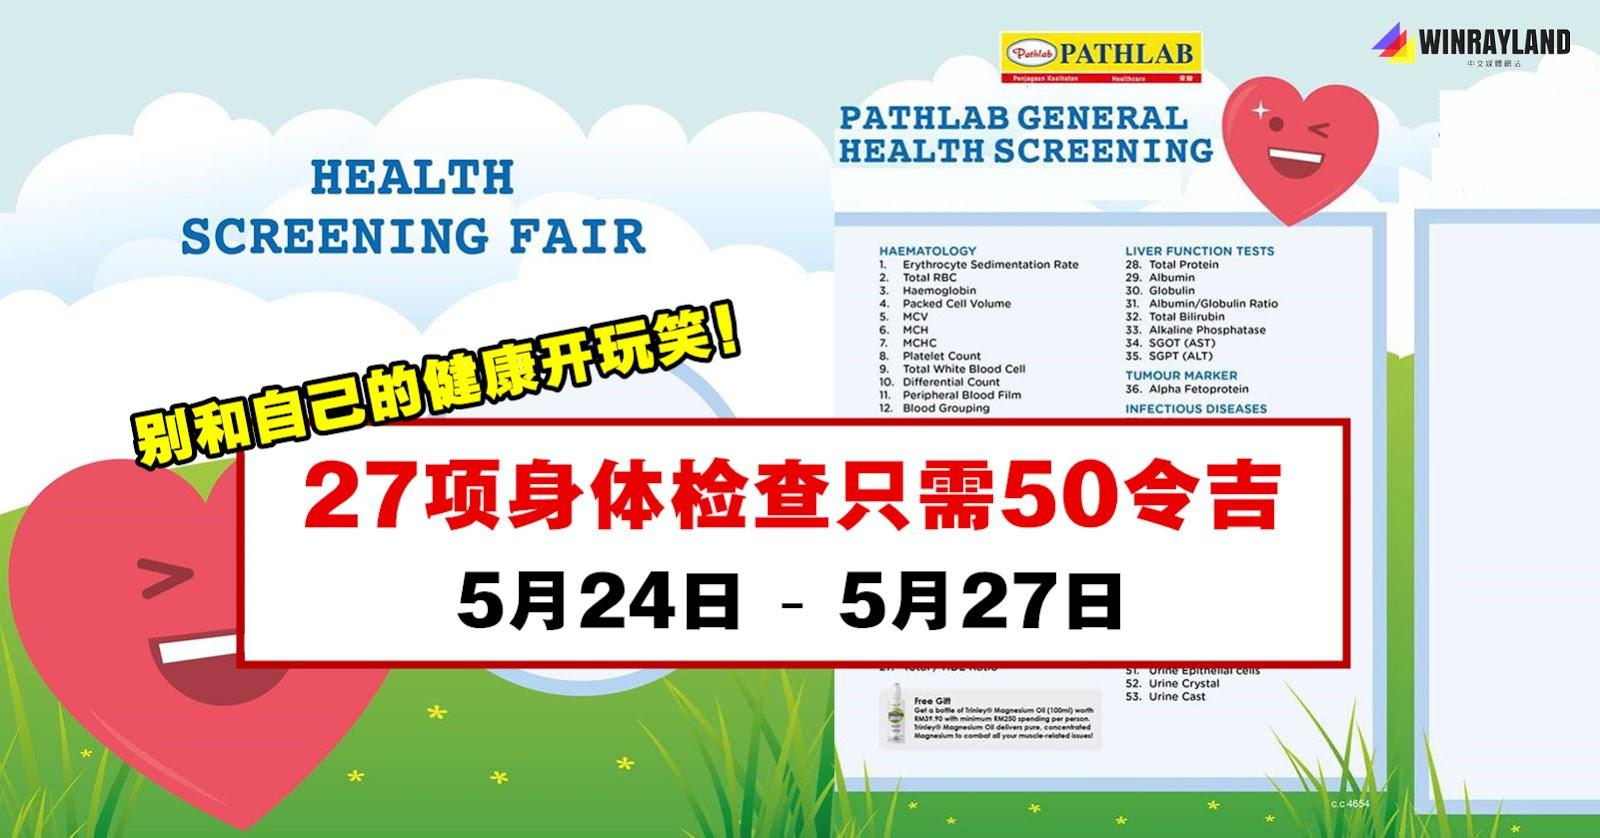 27项健康检查,最低只需RM50